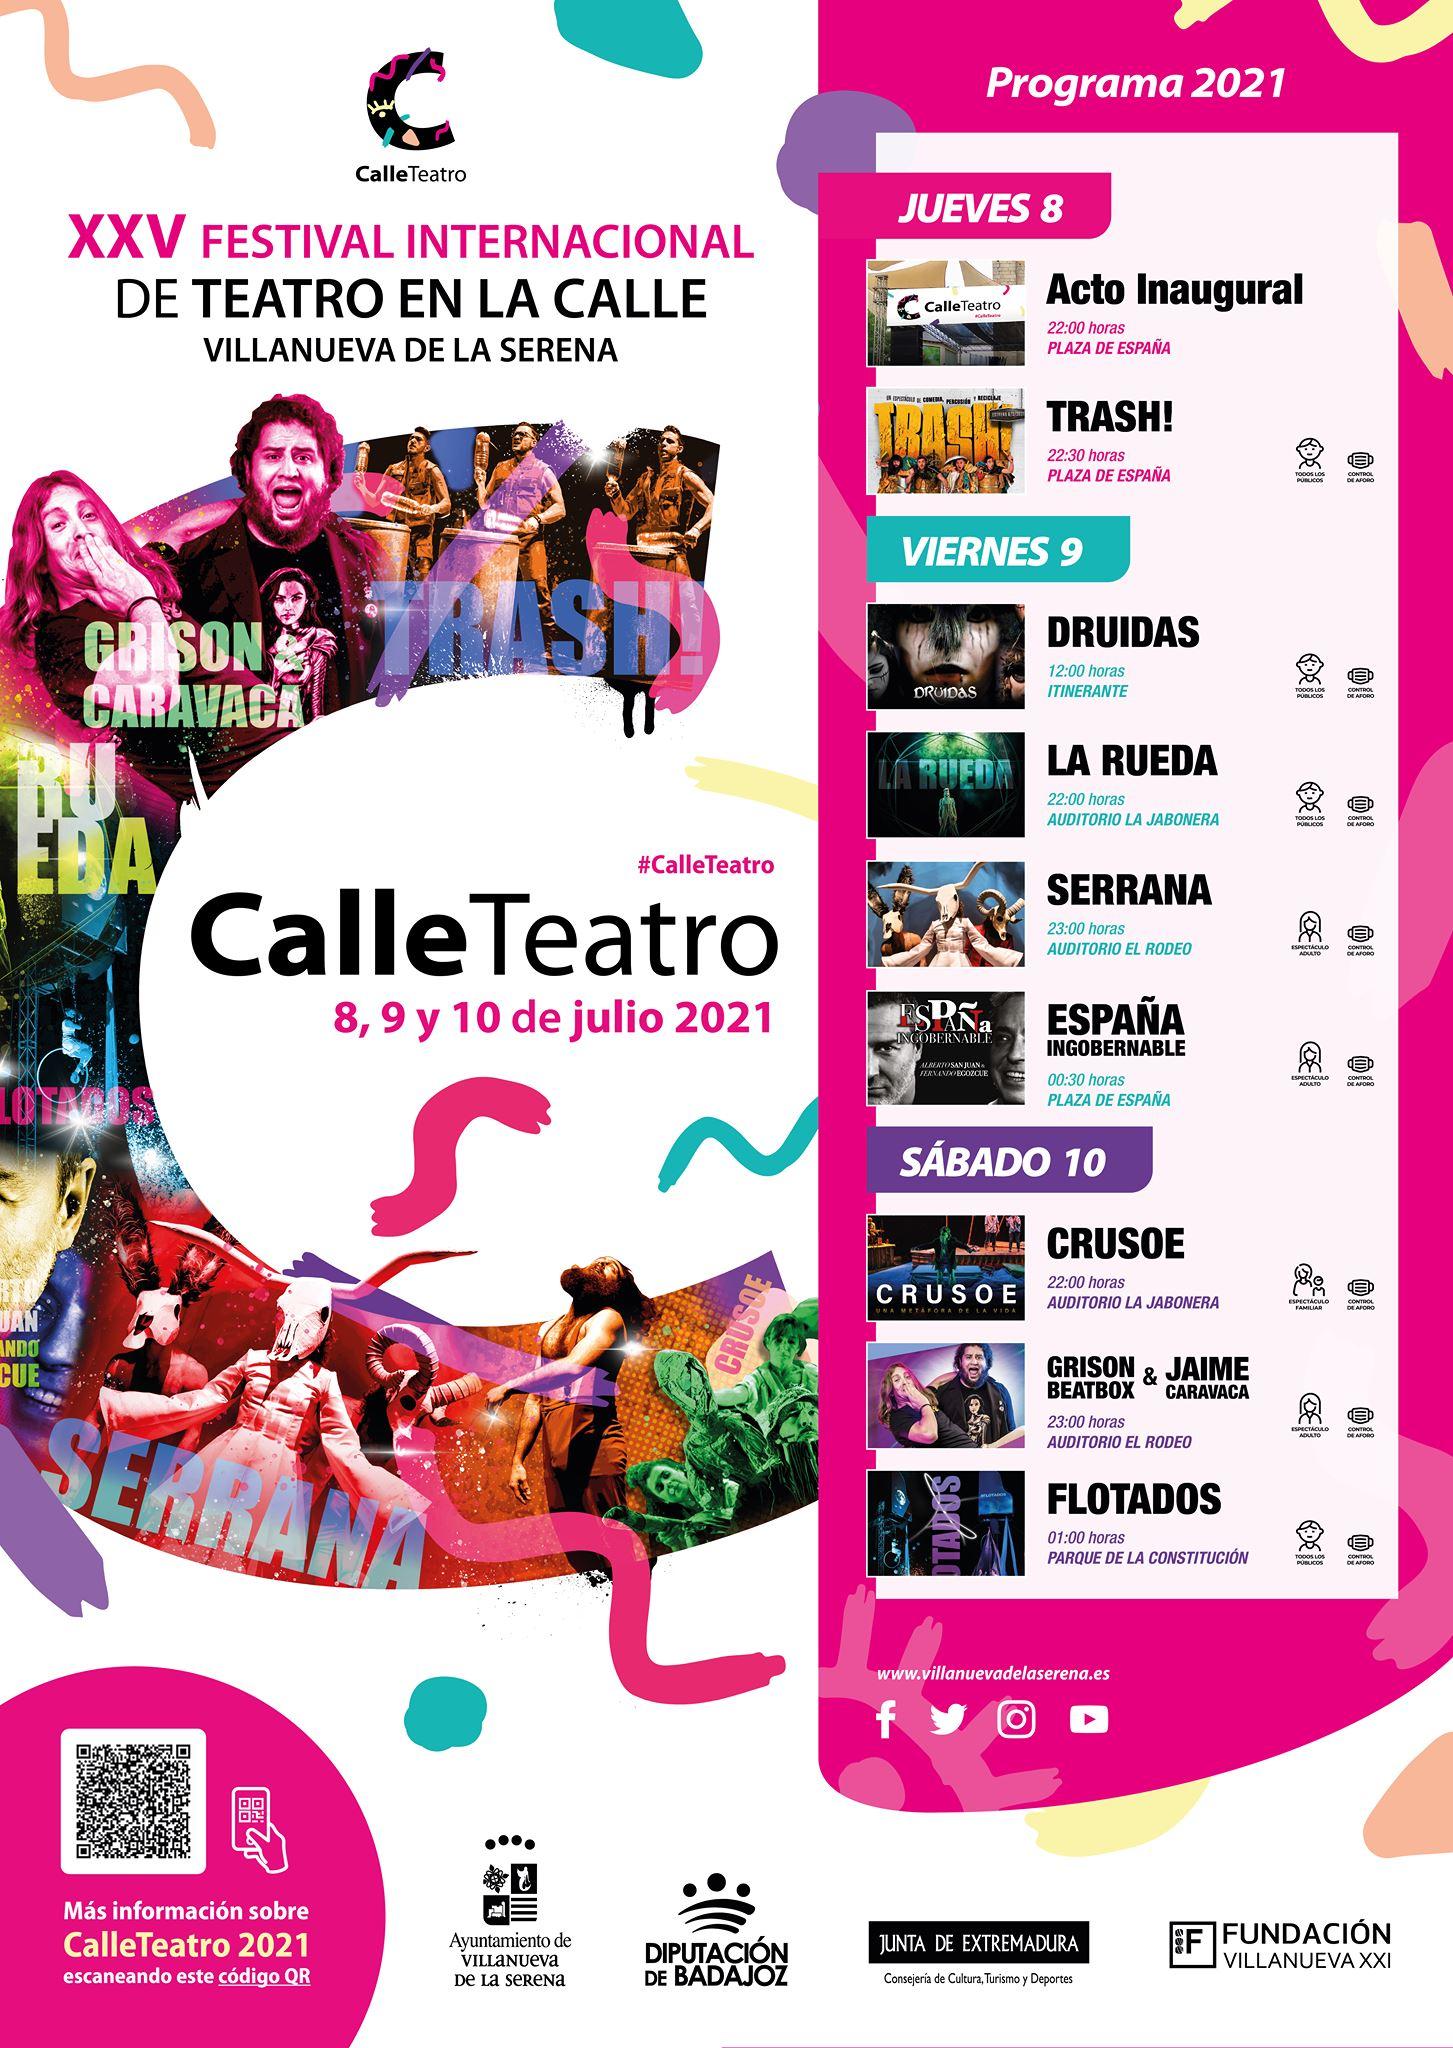 Acto inaugural y apertura de la XXV Edición del Festival Internacional de Teatro en la Calle